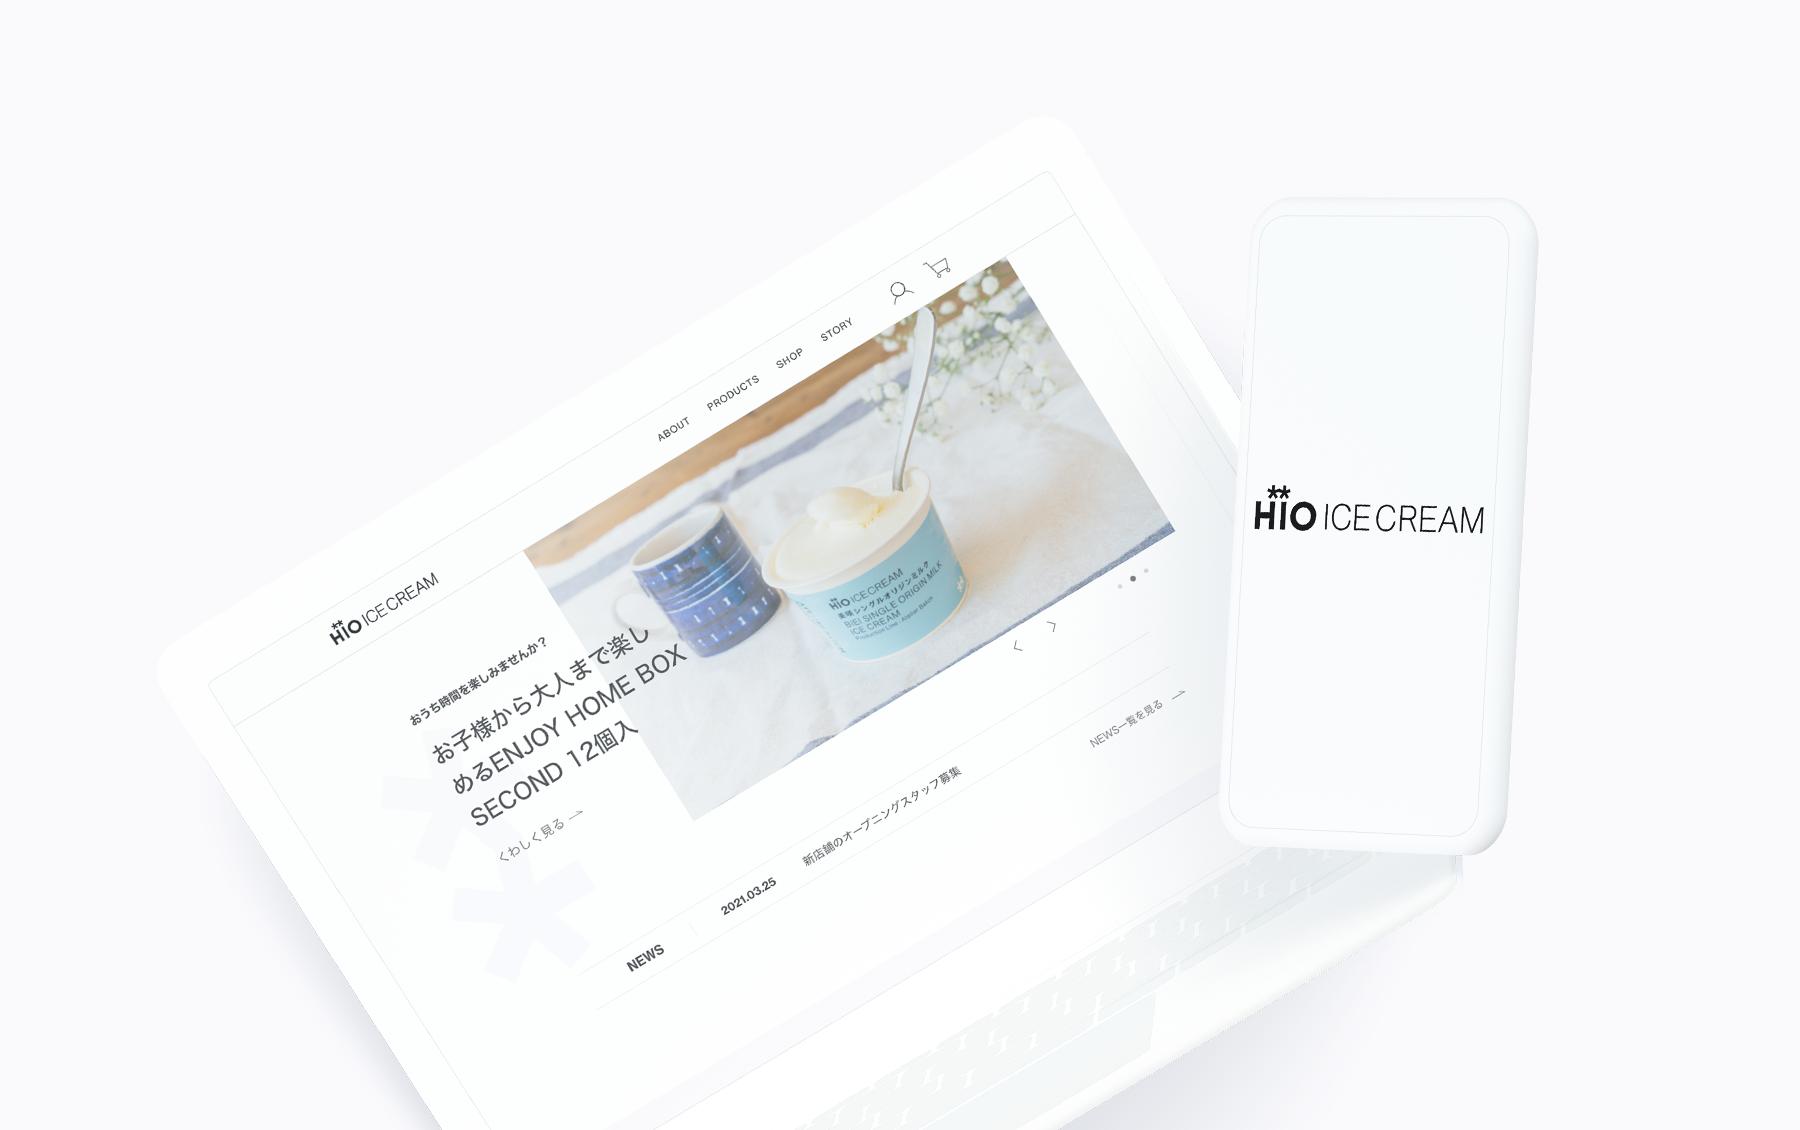 HiO ICE CREAMのサイト